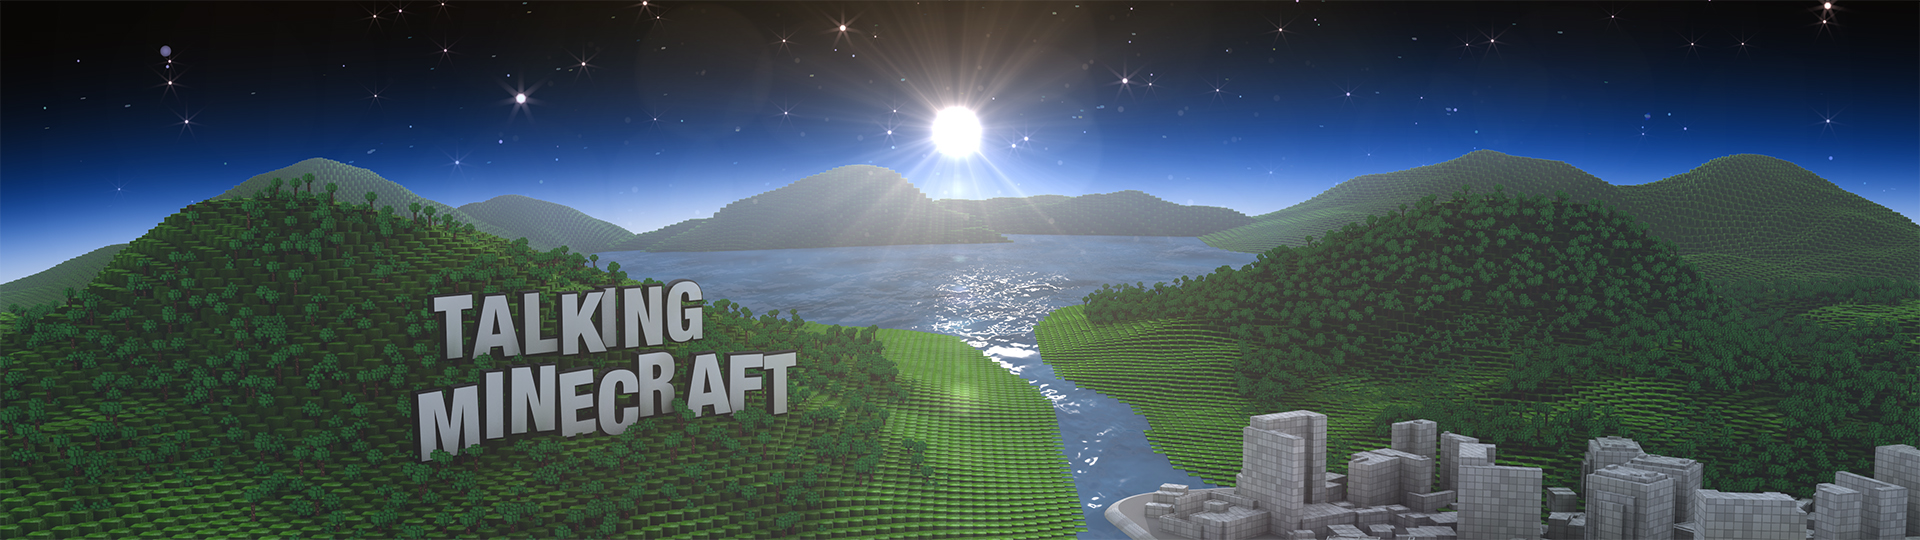 Talking Minecraft on Fusion